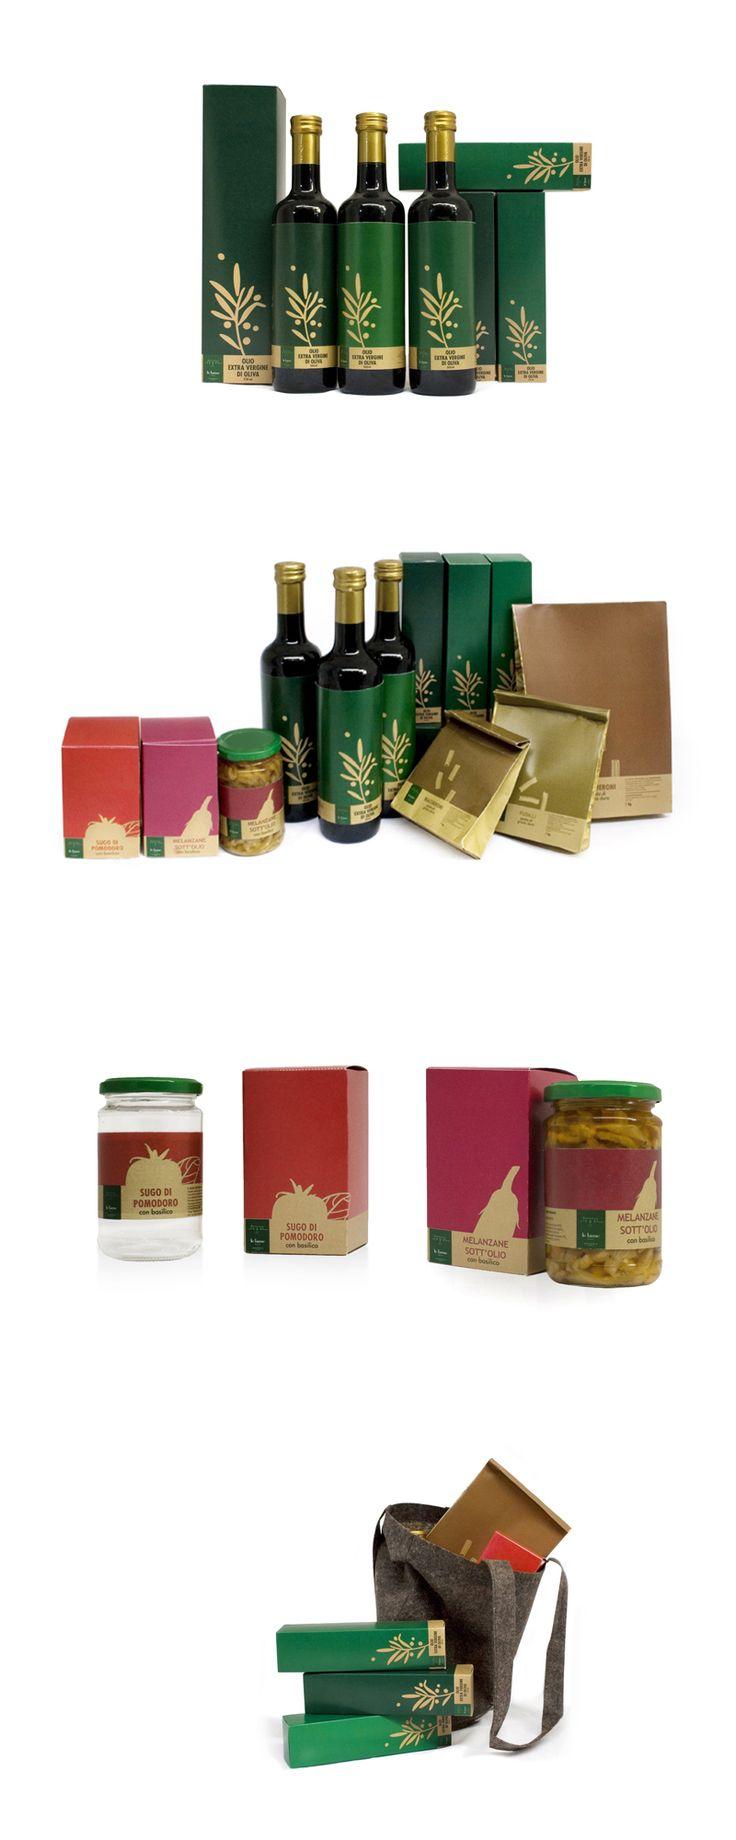 Le Lame, Label Design ─ Giulio Patrizi Design Agency ©     #label #design #oil